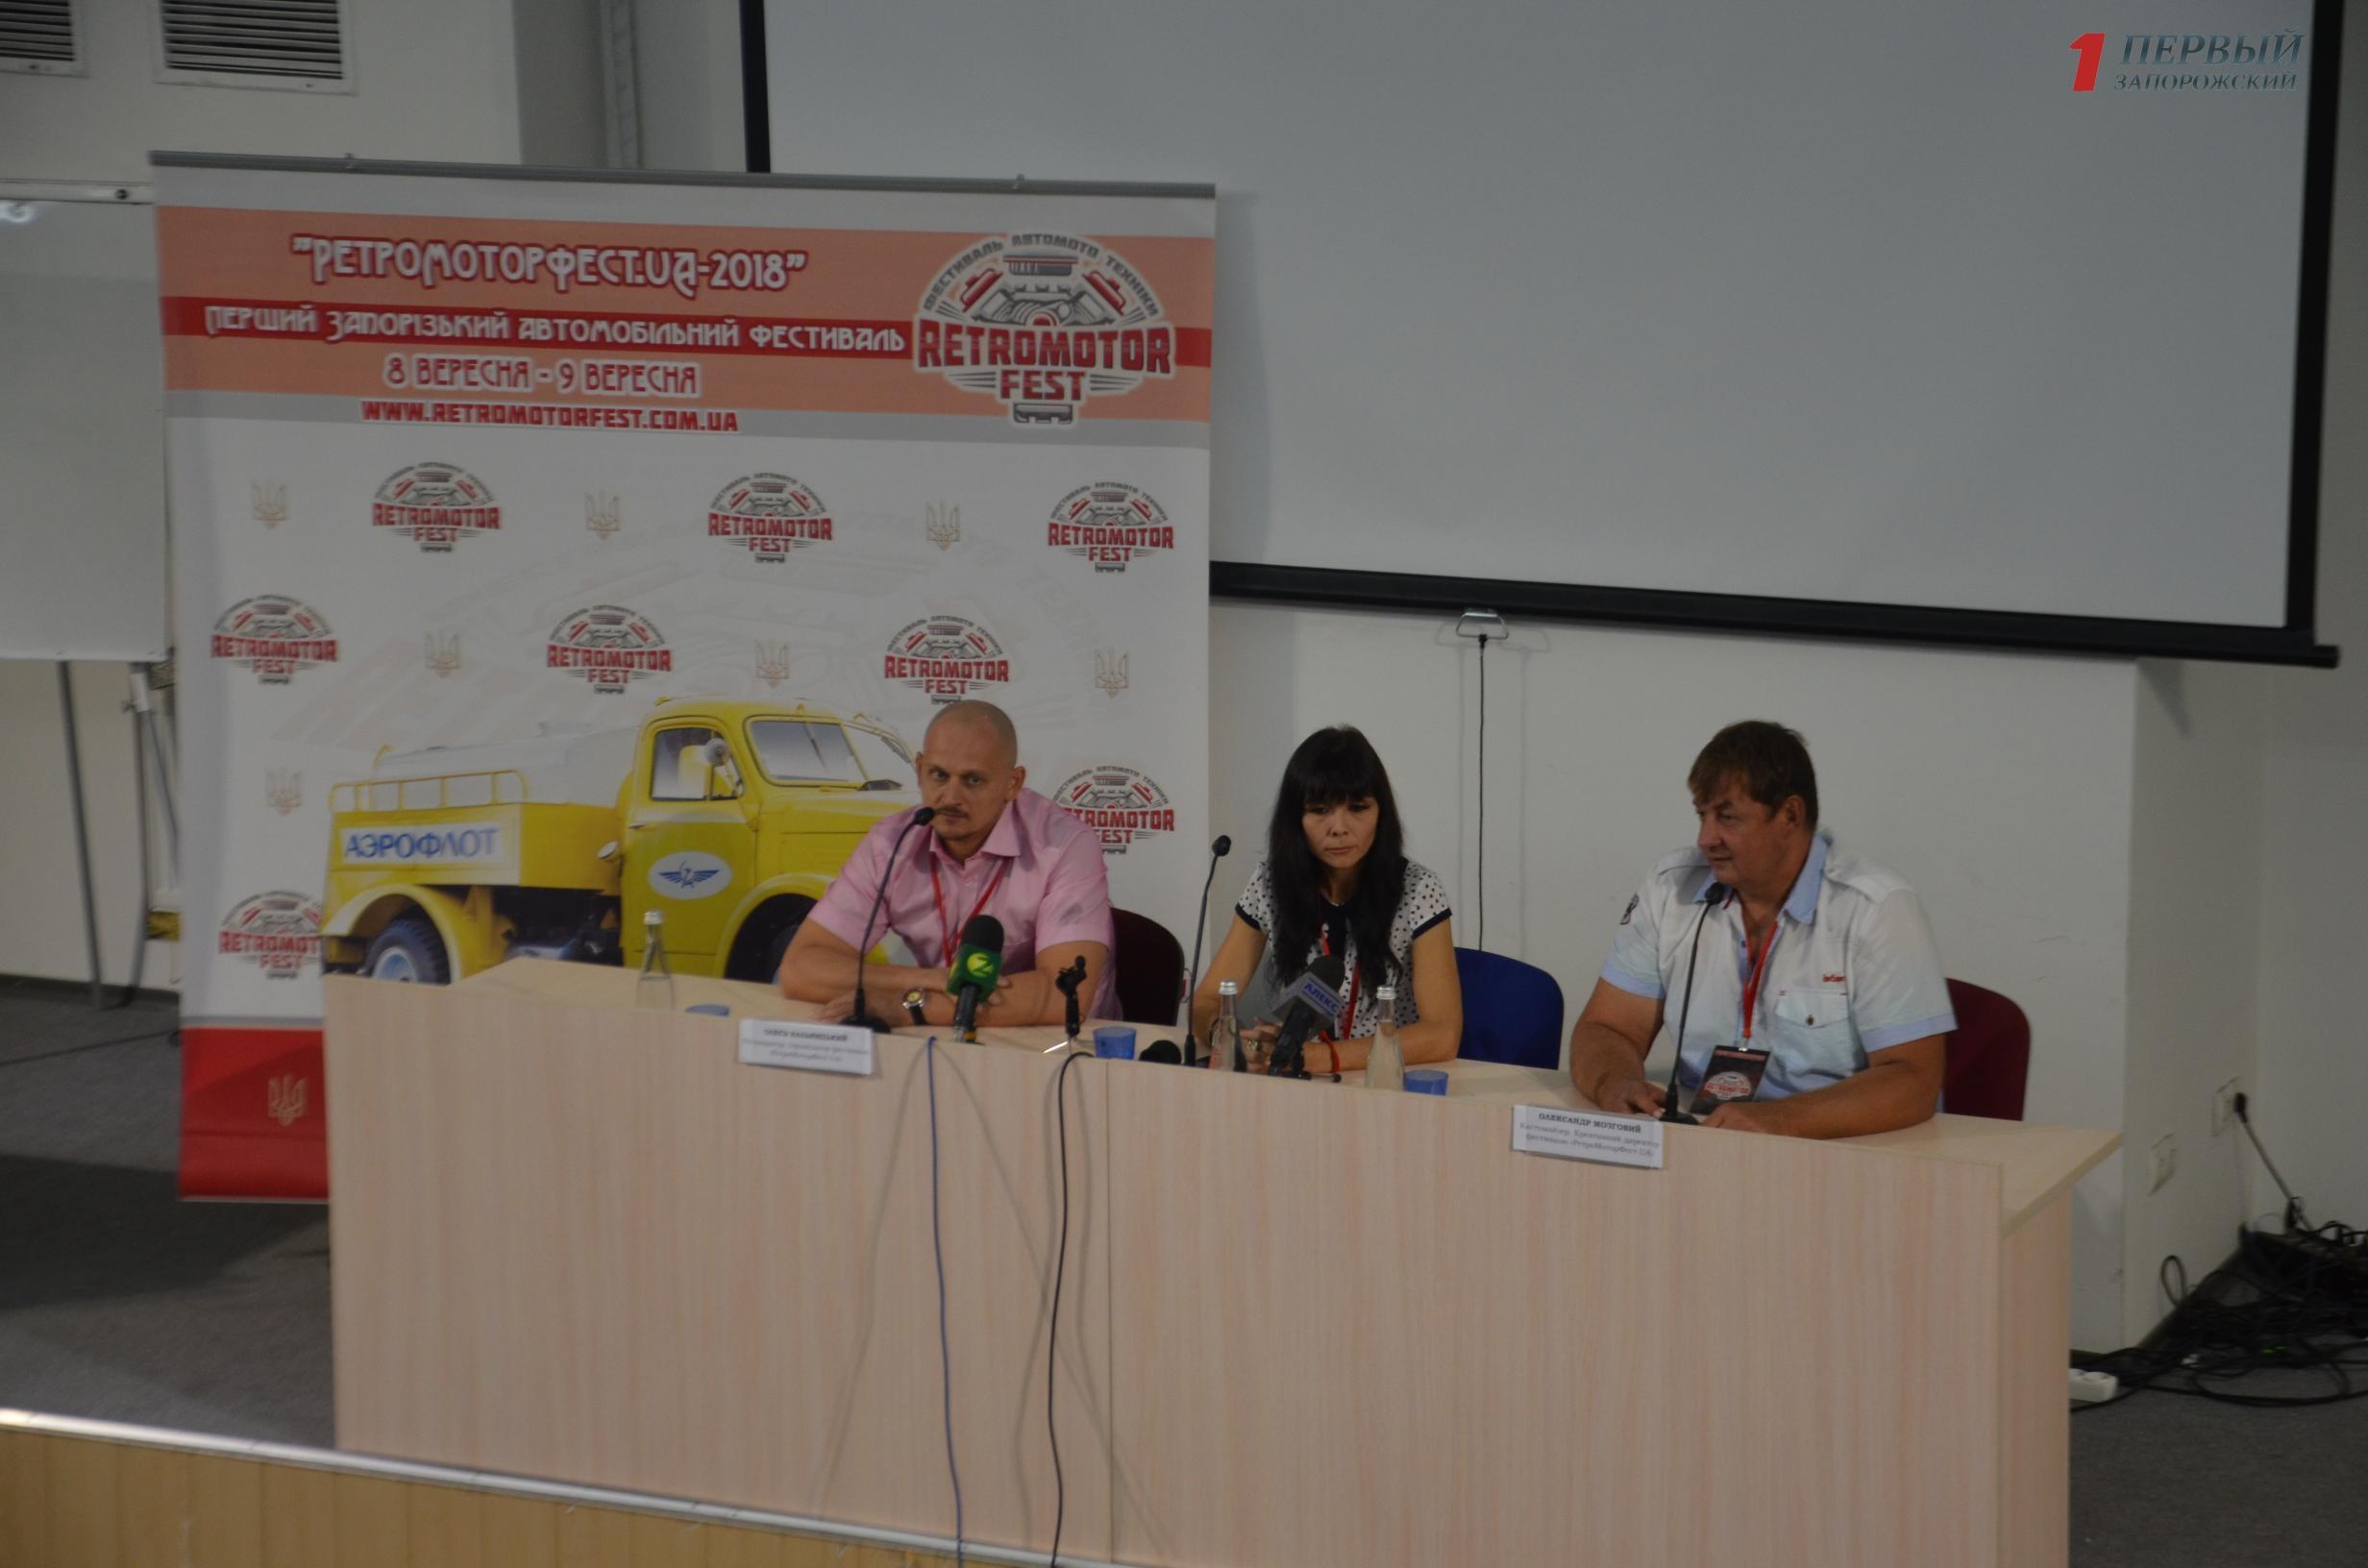 В Запорожье в масштабном ретро-фестивале примут участие более сотни аутентичных автомобилей - ФОТО